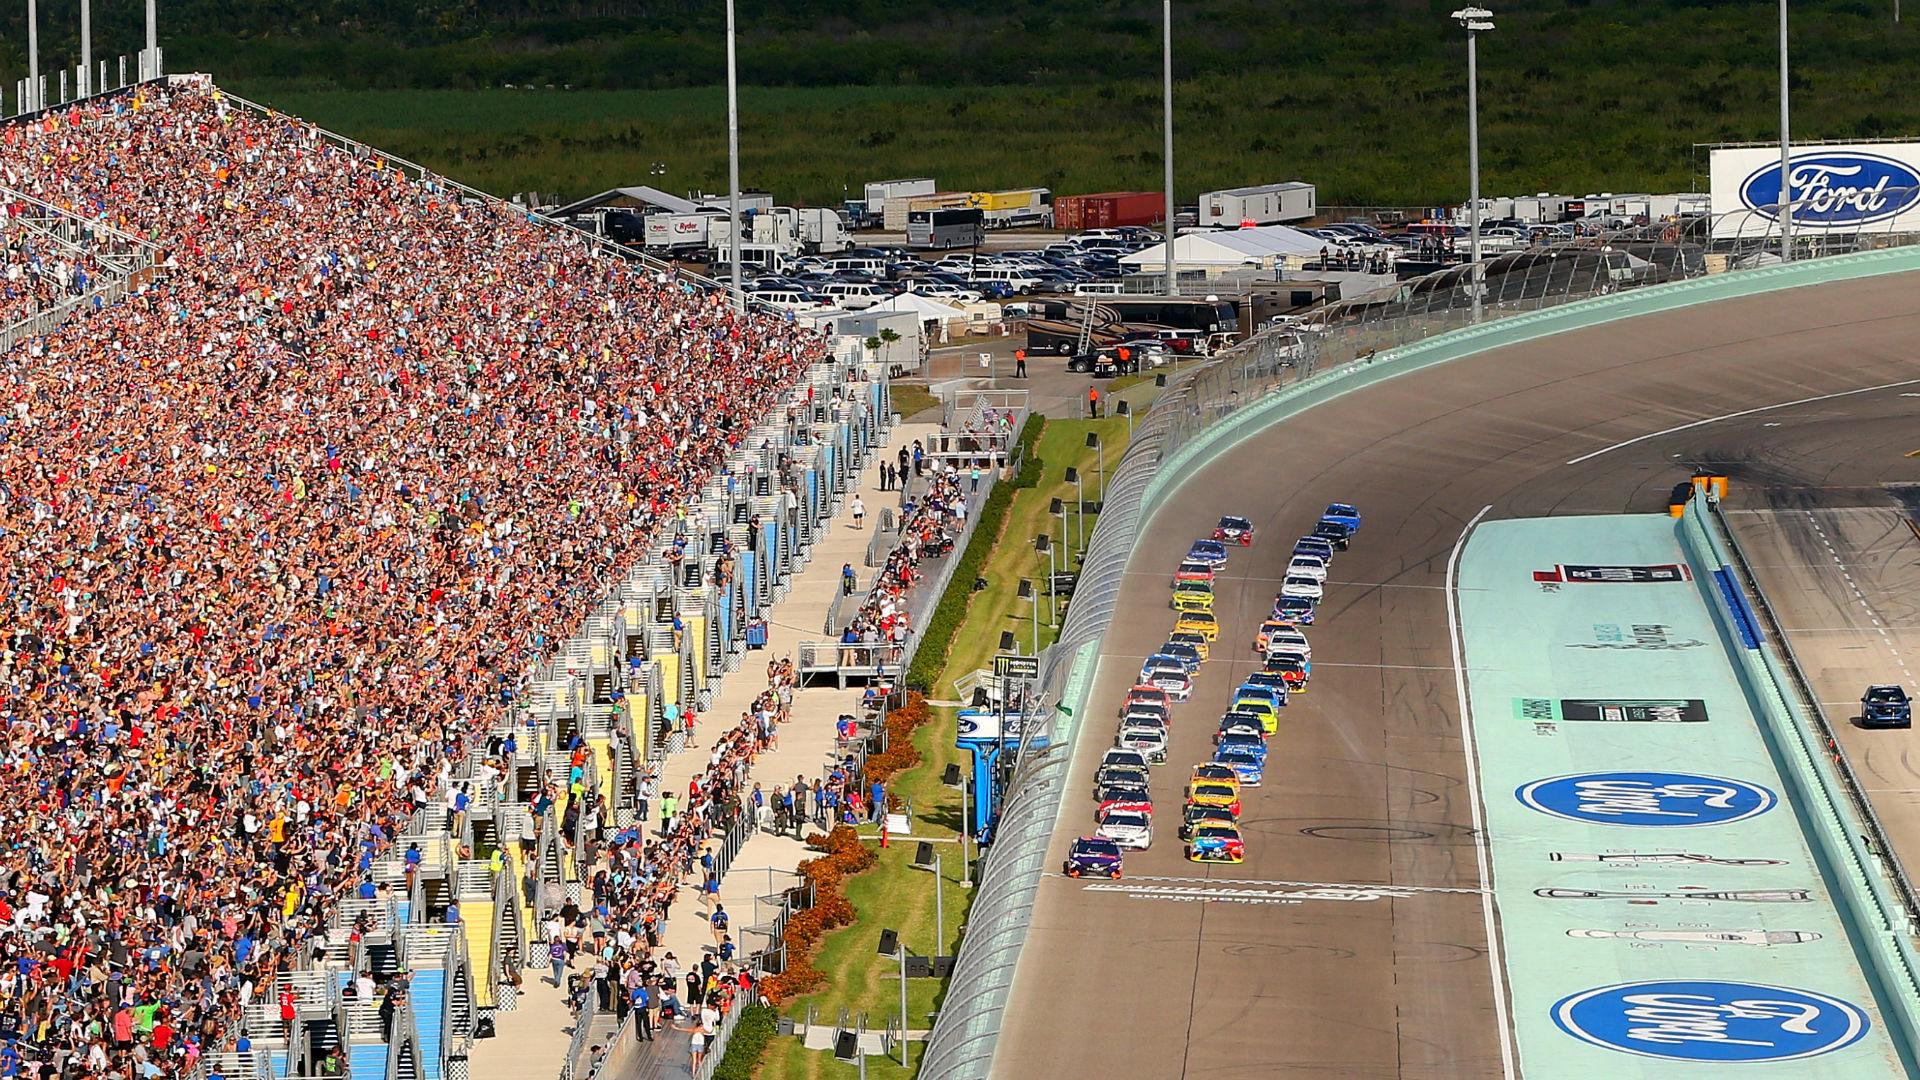 Nuevo calendario de NASCAR para 2020: seguimiento de carreras canceladas y pospuestas mientras continúa la pandemia de coronavirus 2